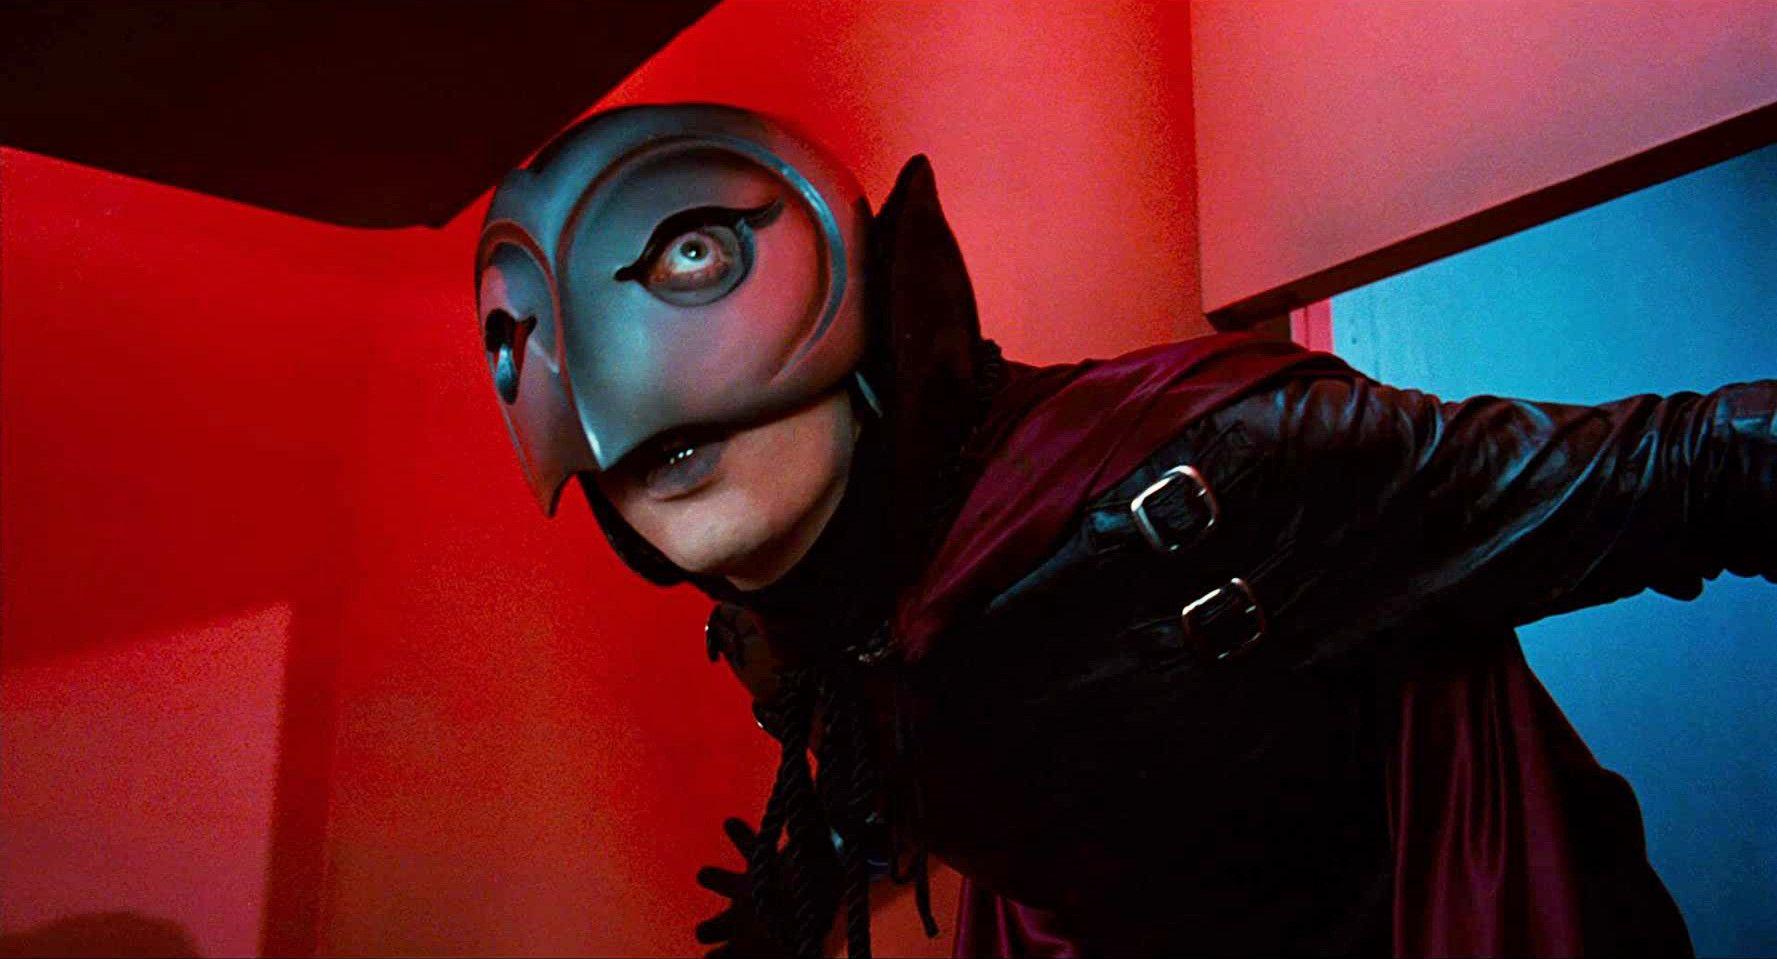 百年《歌劇魅影》簡史(下):我是眼睛和影子